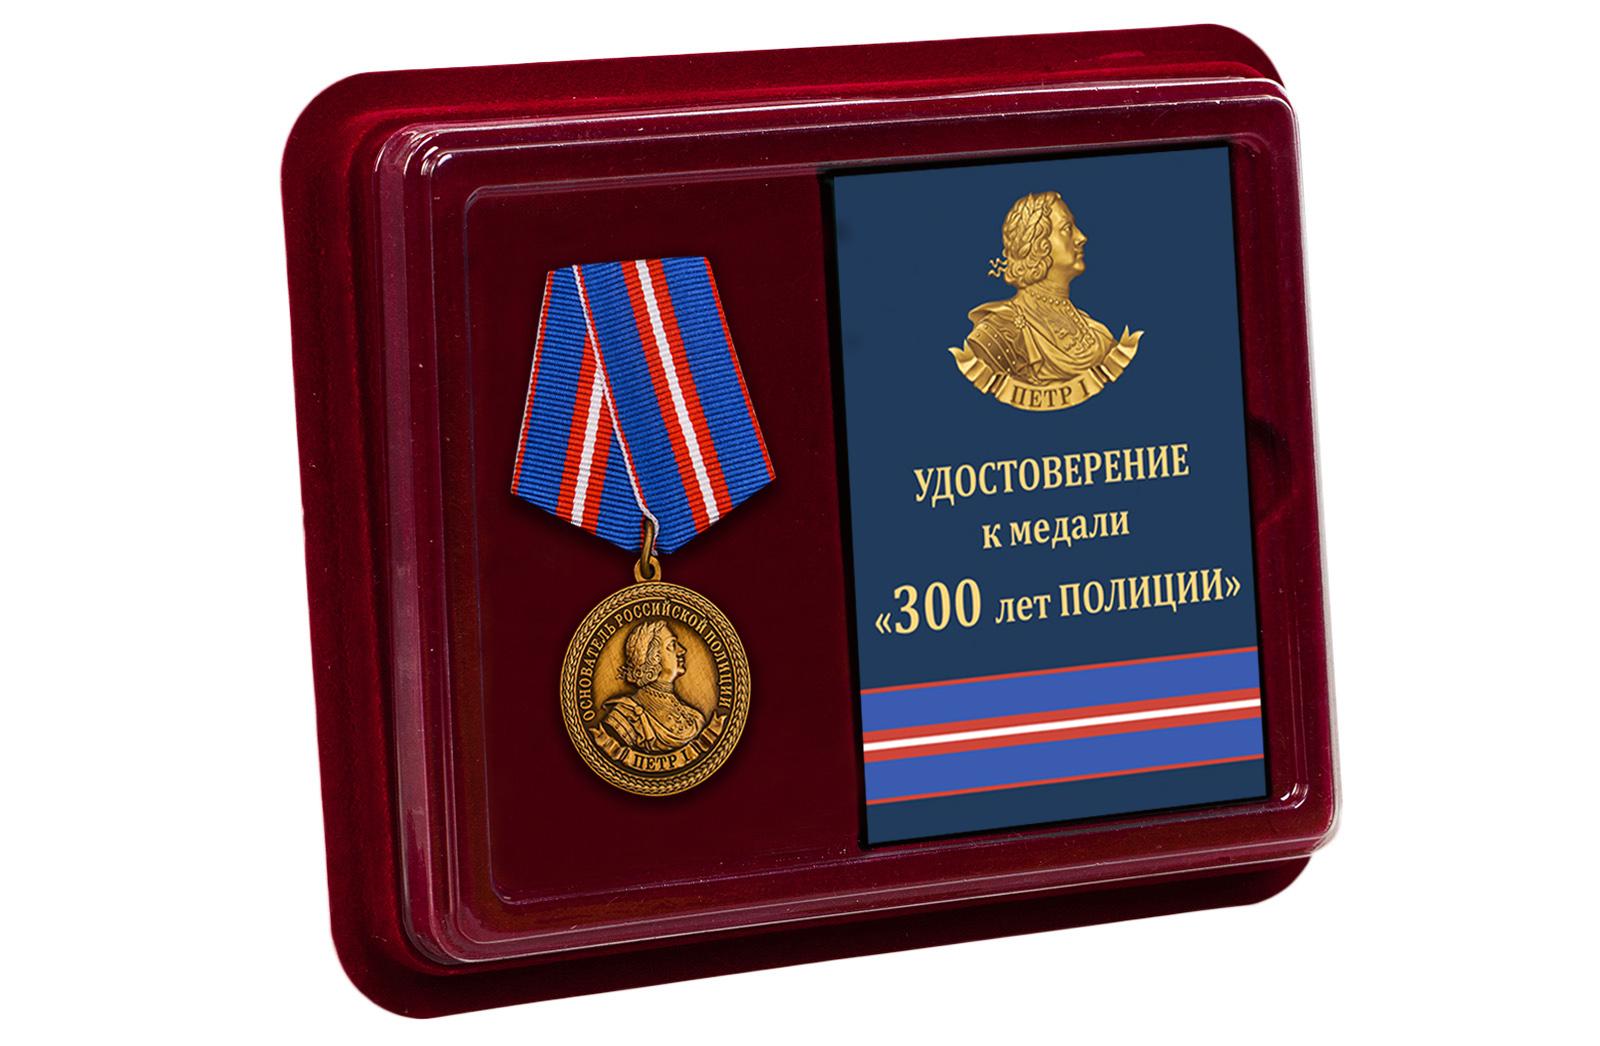 Купить медаль 300 лет полиции России оптом или в розницу